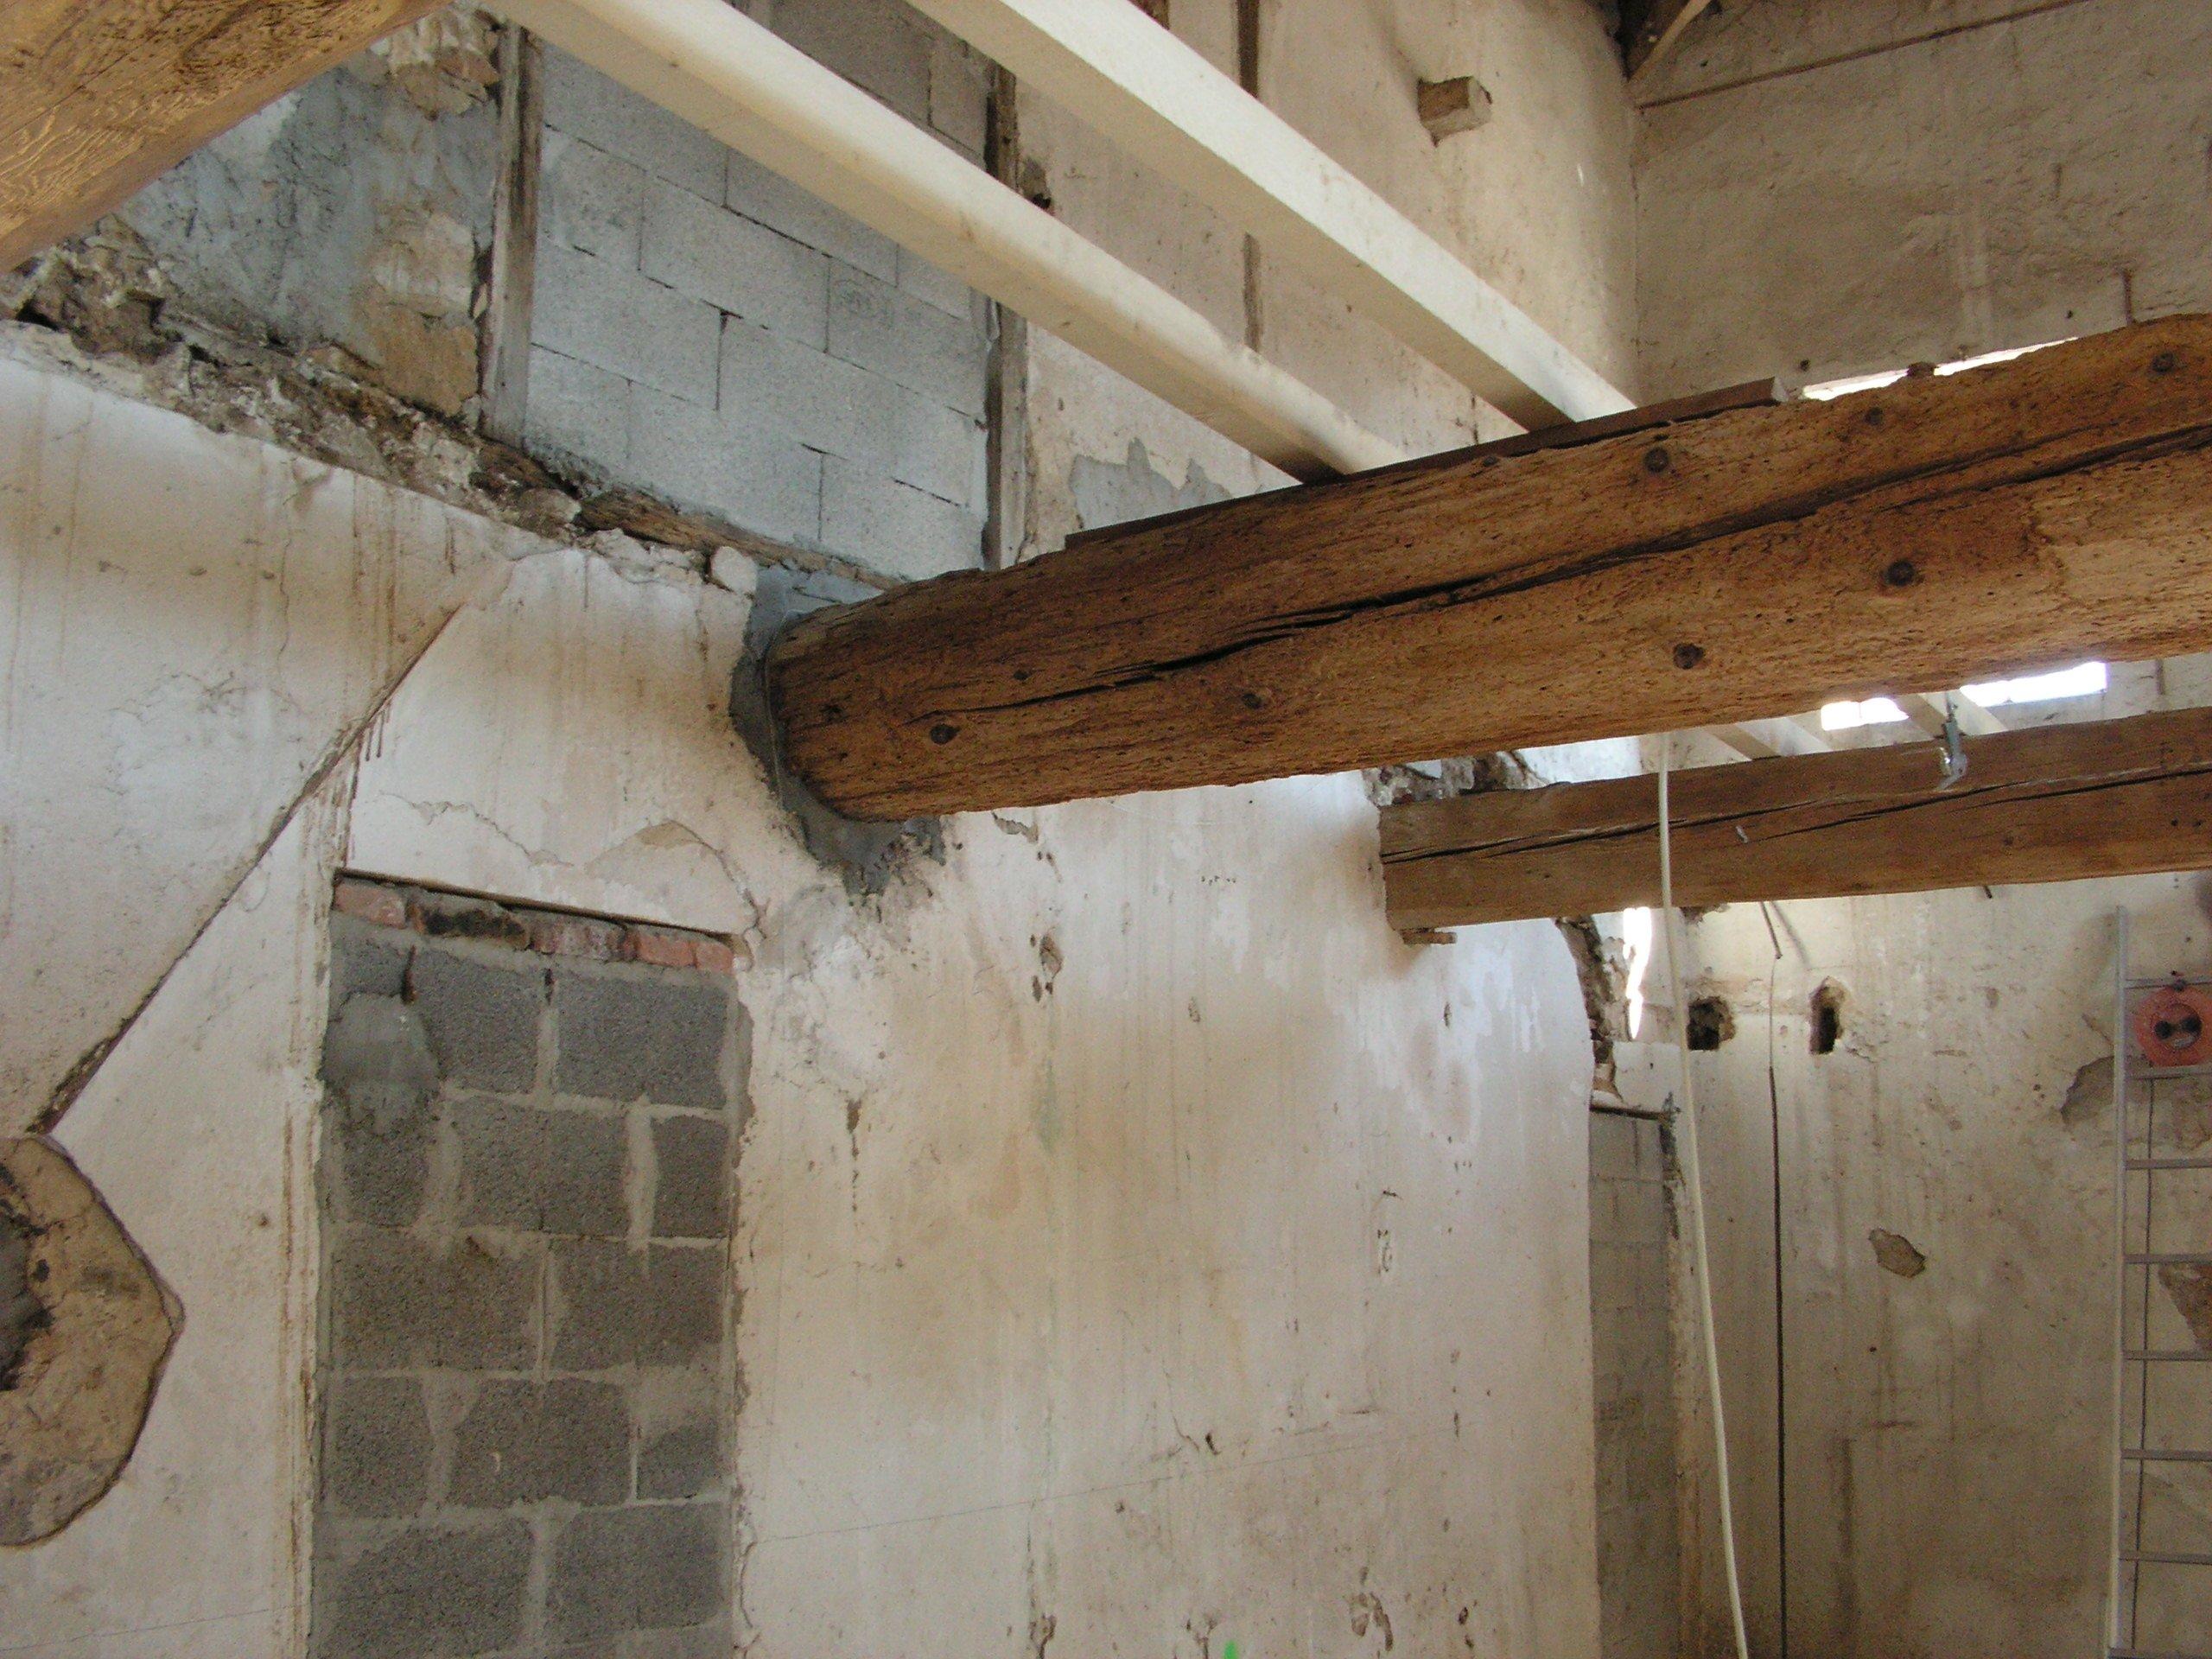 mettre les poutres pour plancher bois d querre la renovation de a z. Black Bedroom Furniture Sets. Home Design Ideas